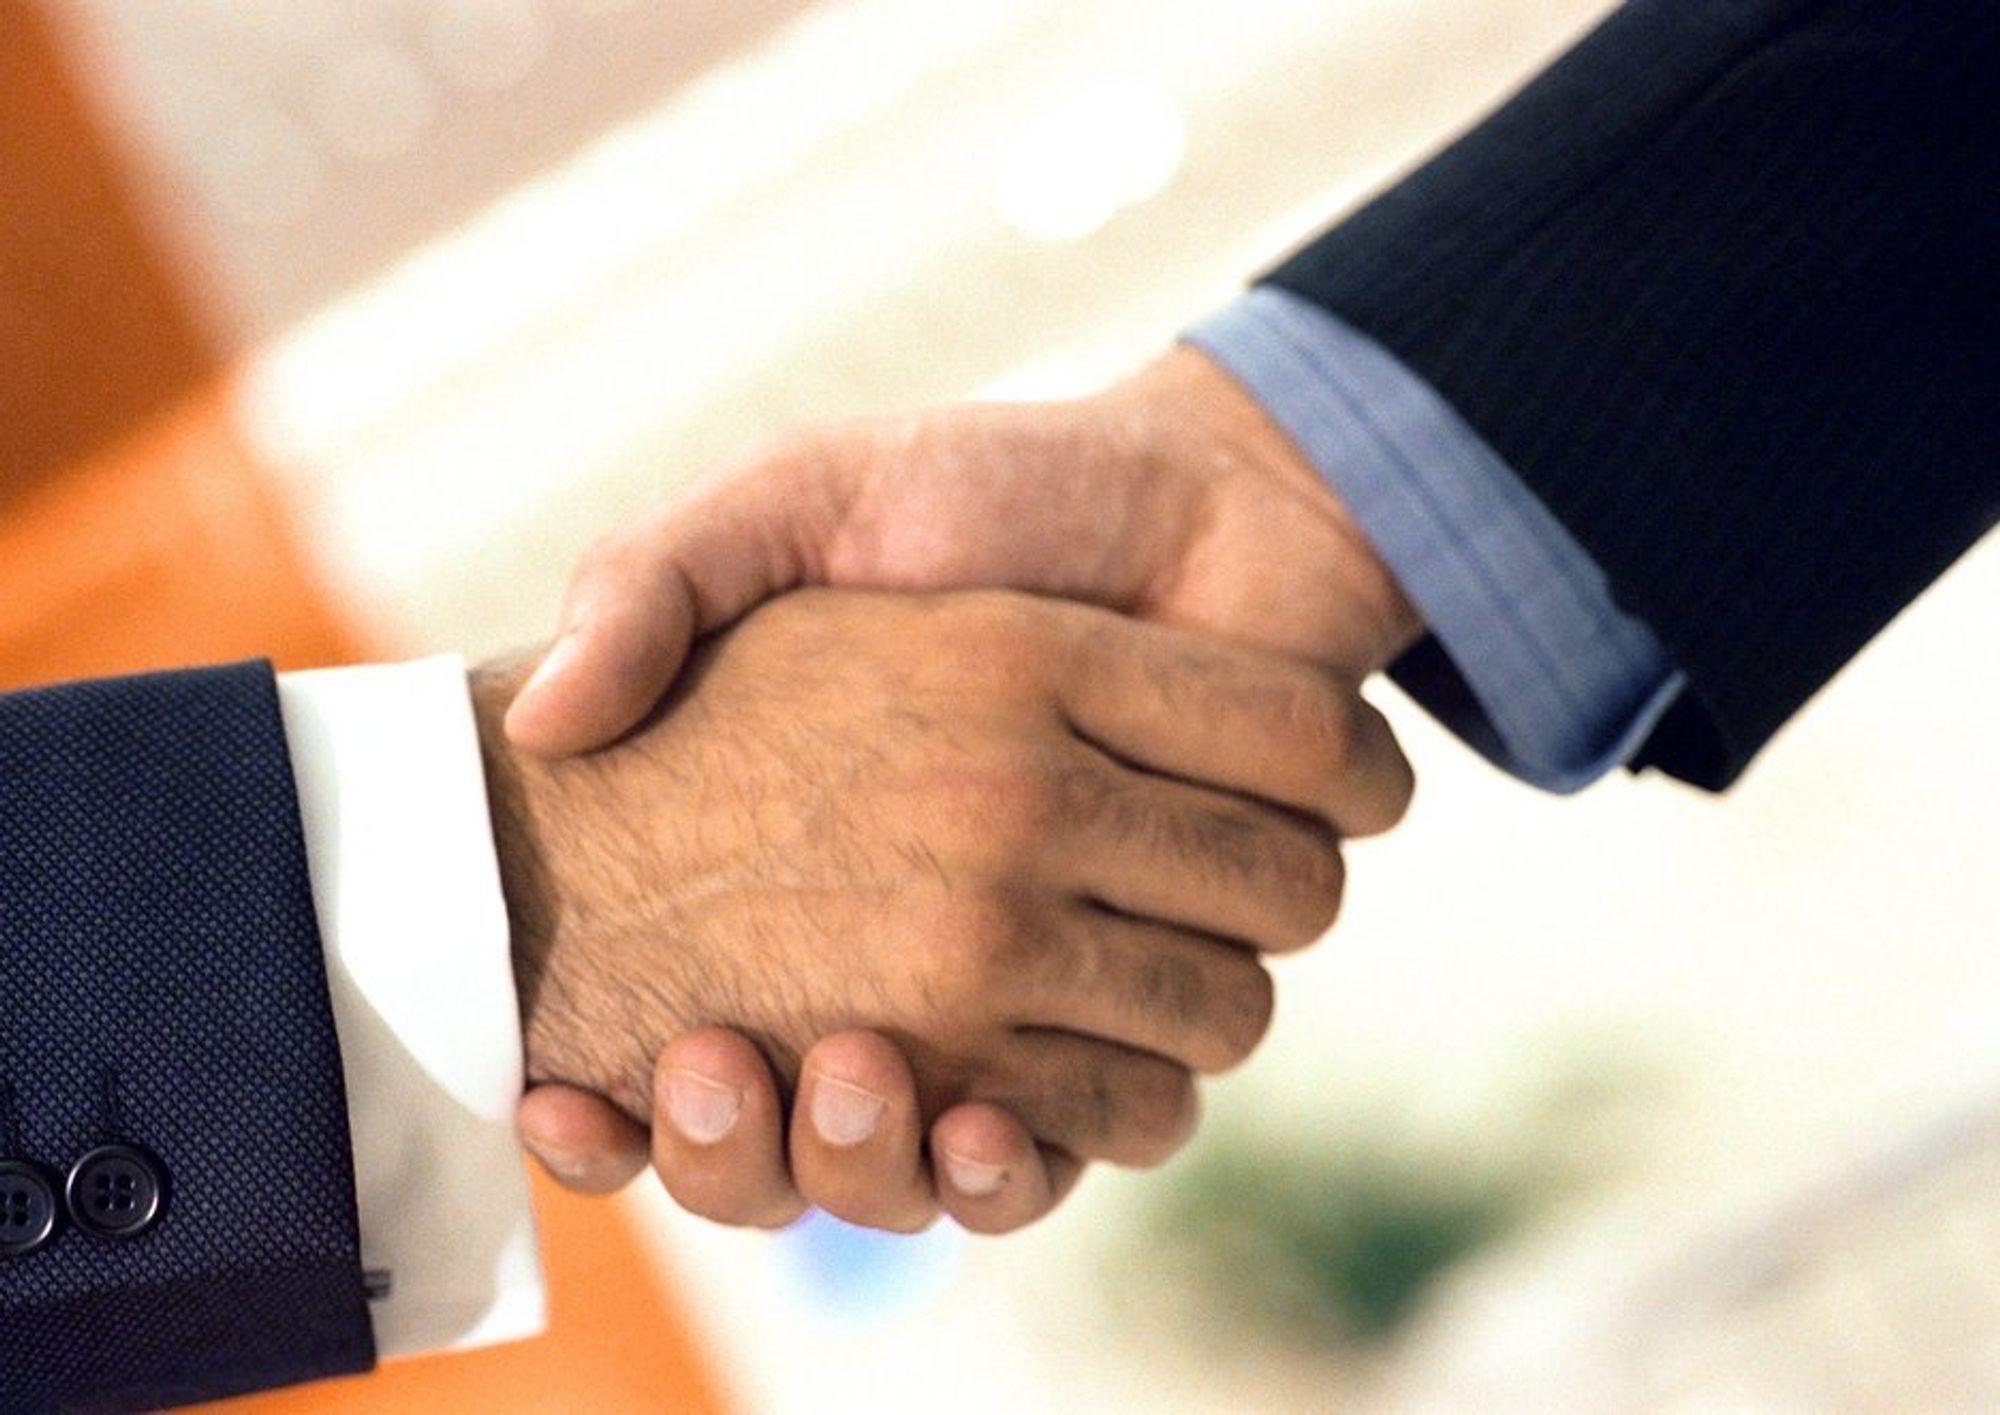 Avtalen er klar, men først 1. august er det økonomiske oppgjort etter handelen av Opera Wireless.